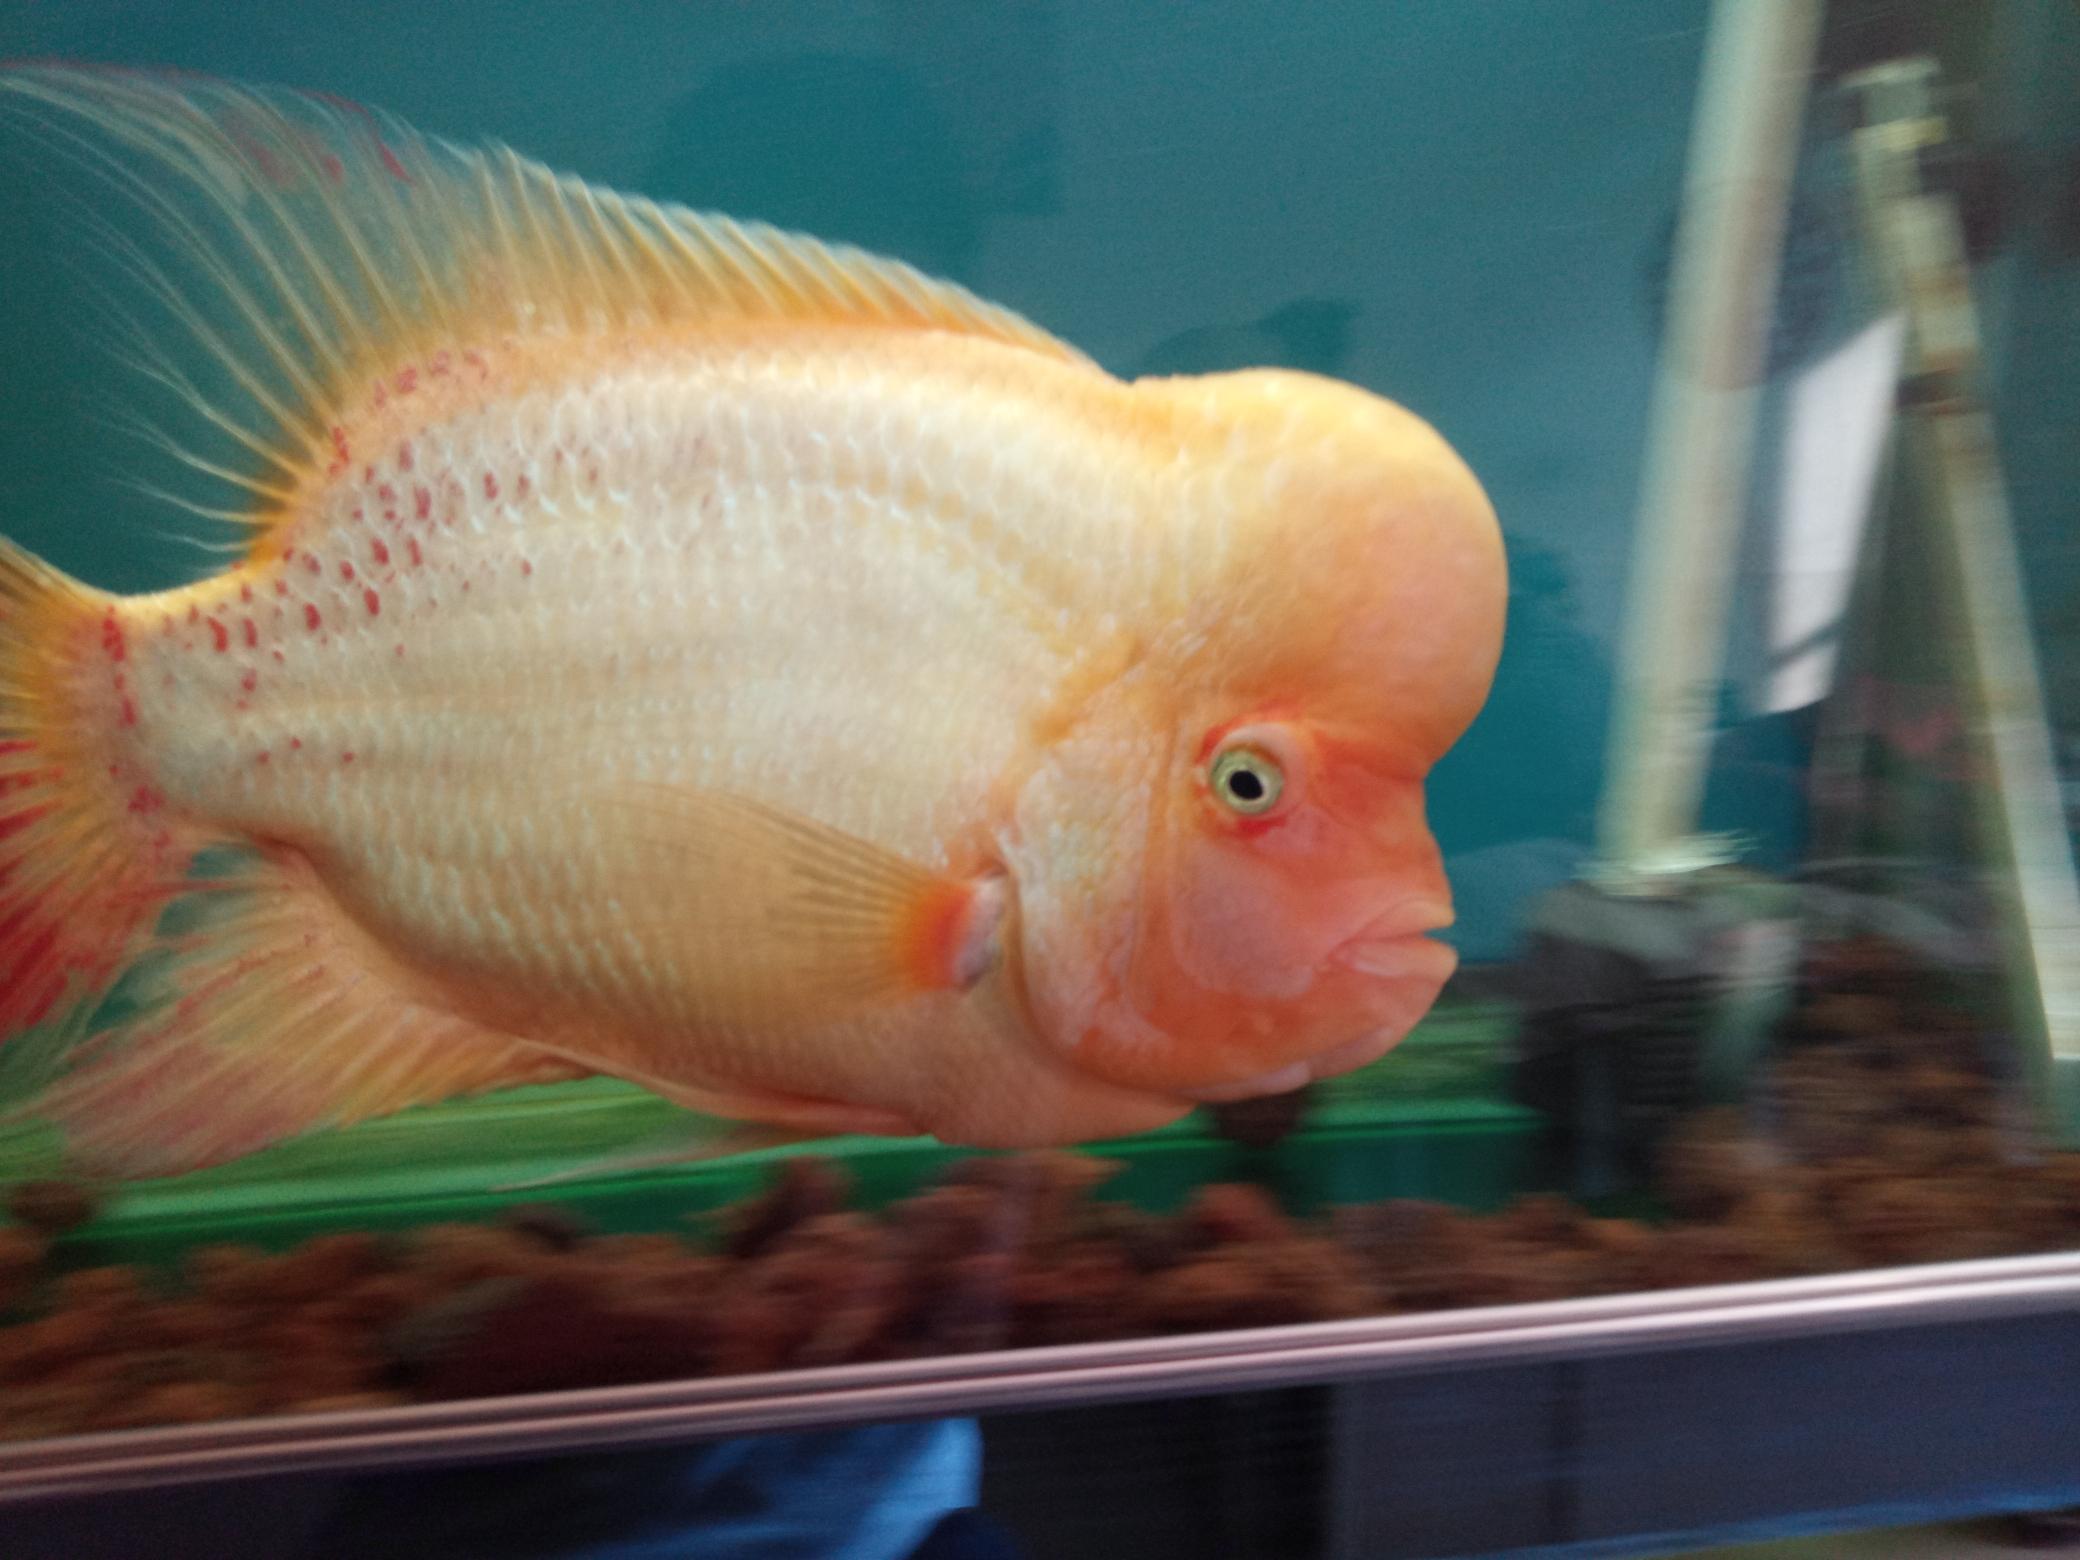 自繁金花记录罗汉鱼 合肥观赏鱼 合肥龙鱼第1张